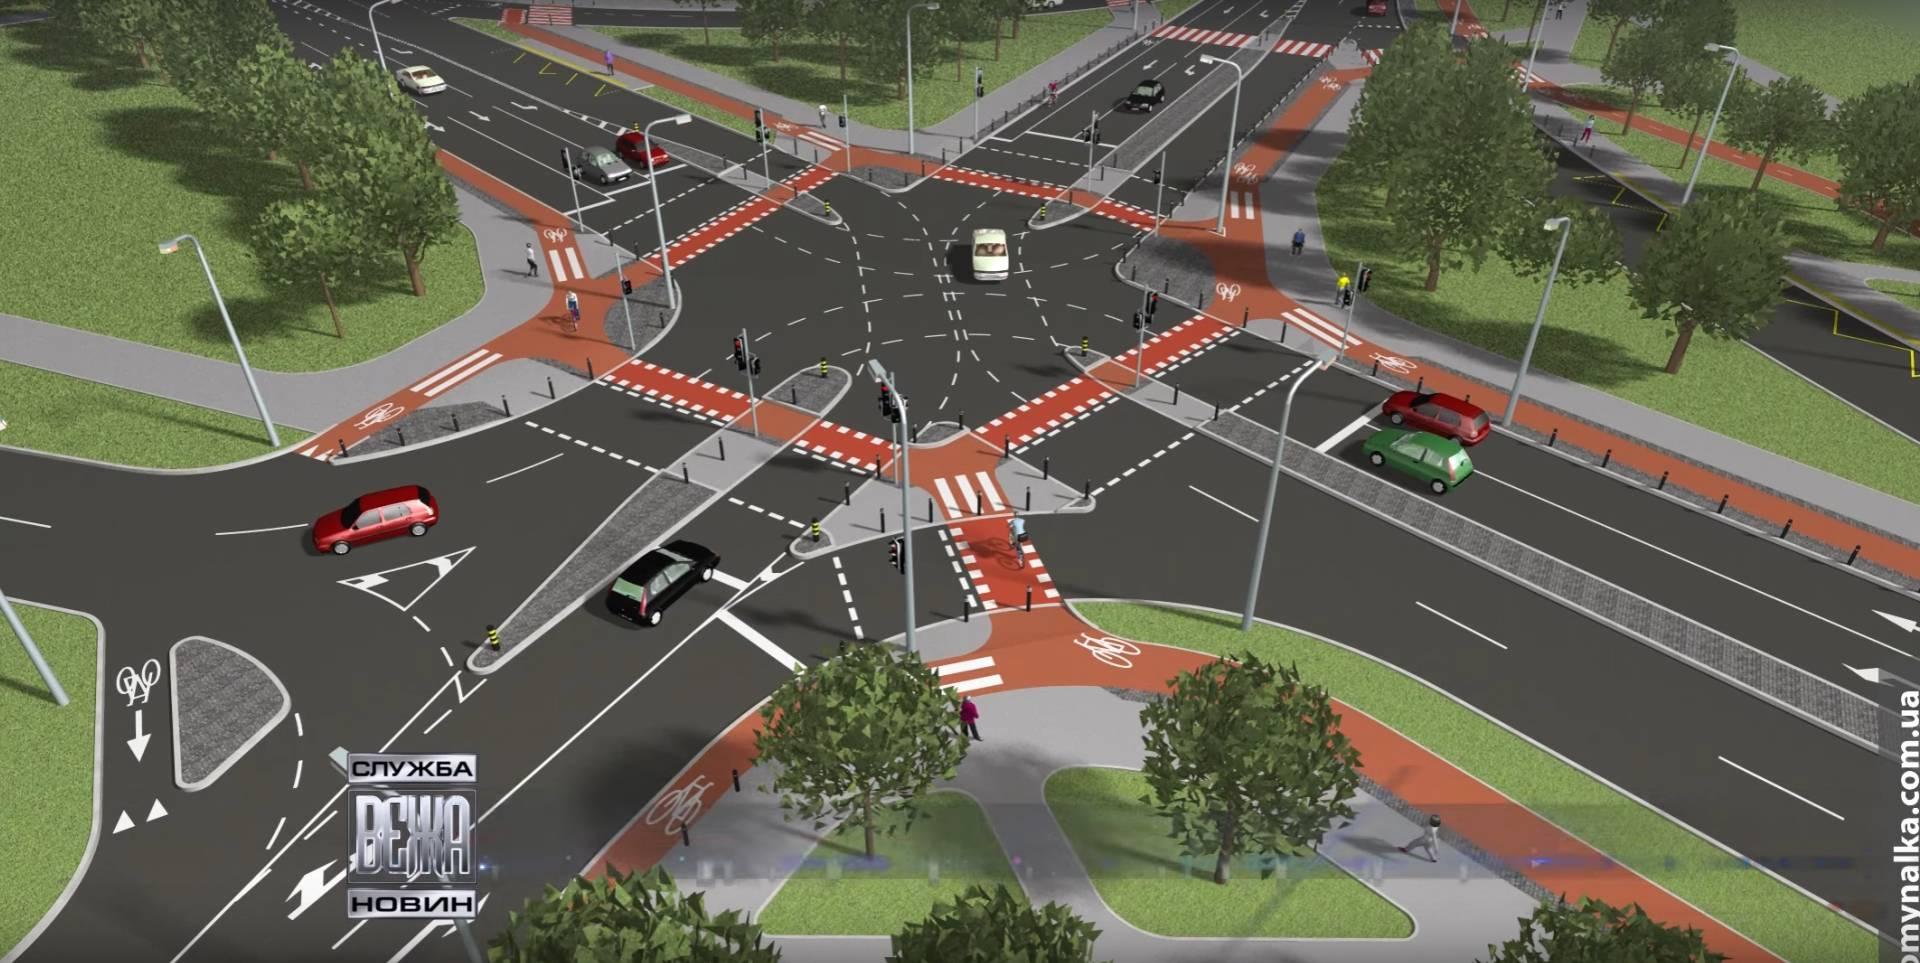 Рівні права для всіх учасників дорожнього руху та безпека (ВІДЕО)